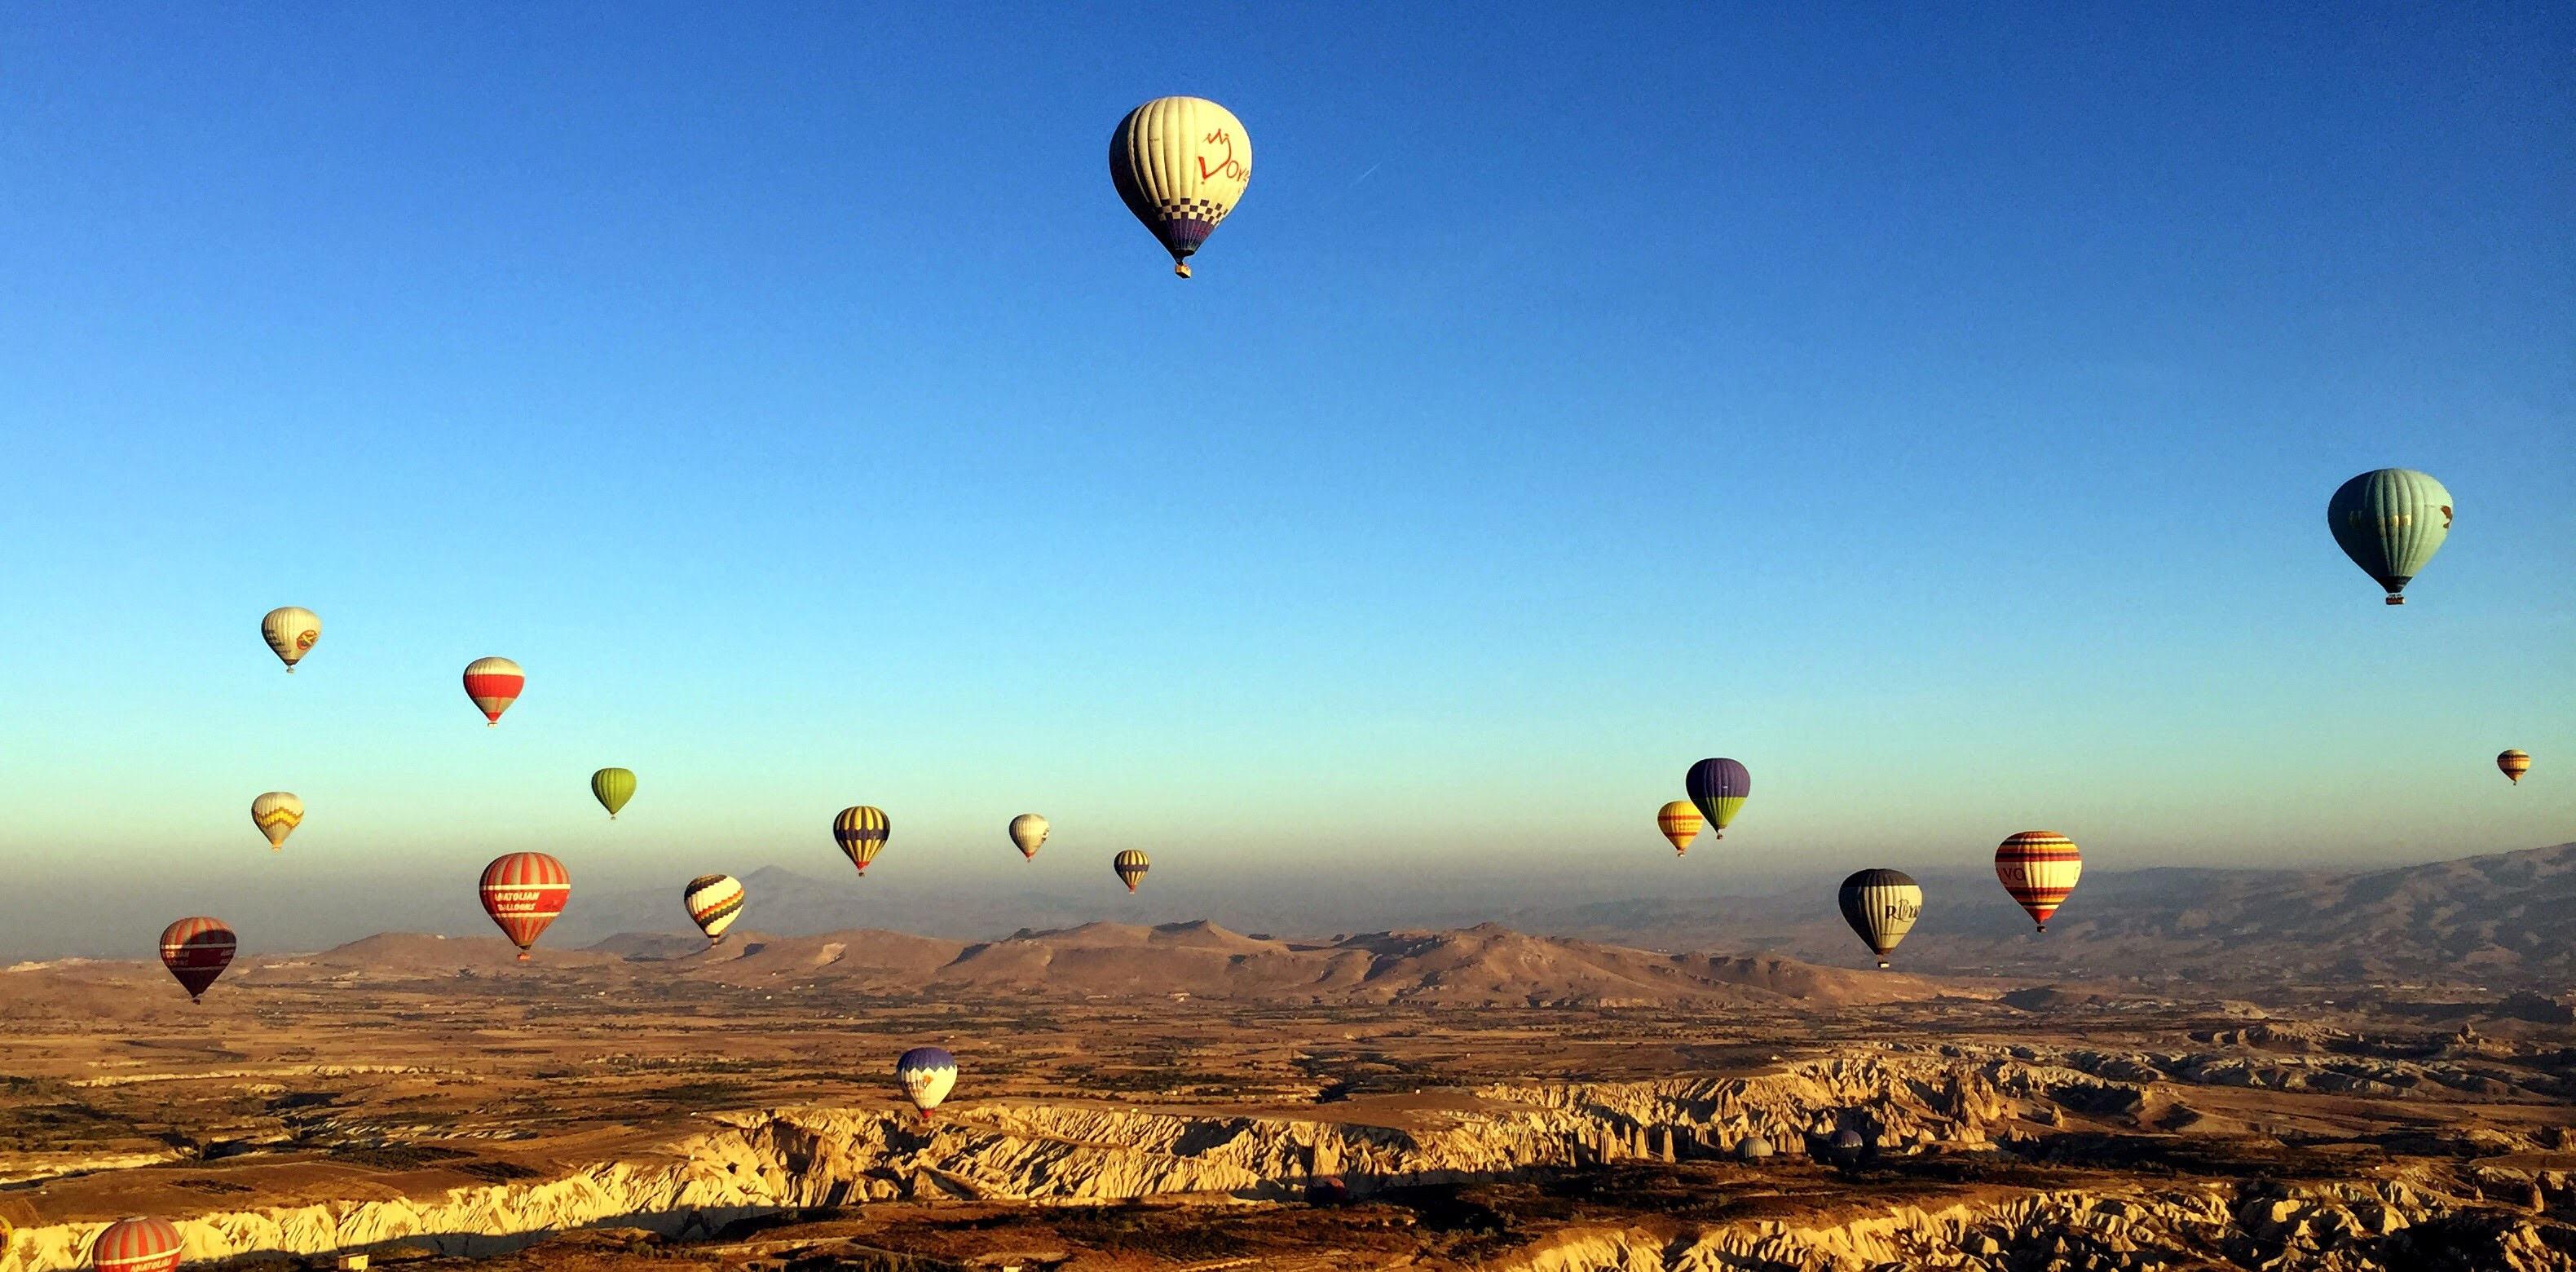 apa yang menarik di Turki